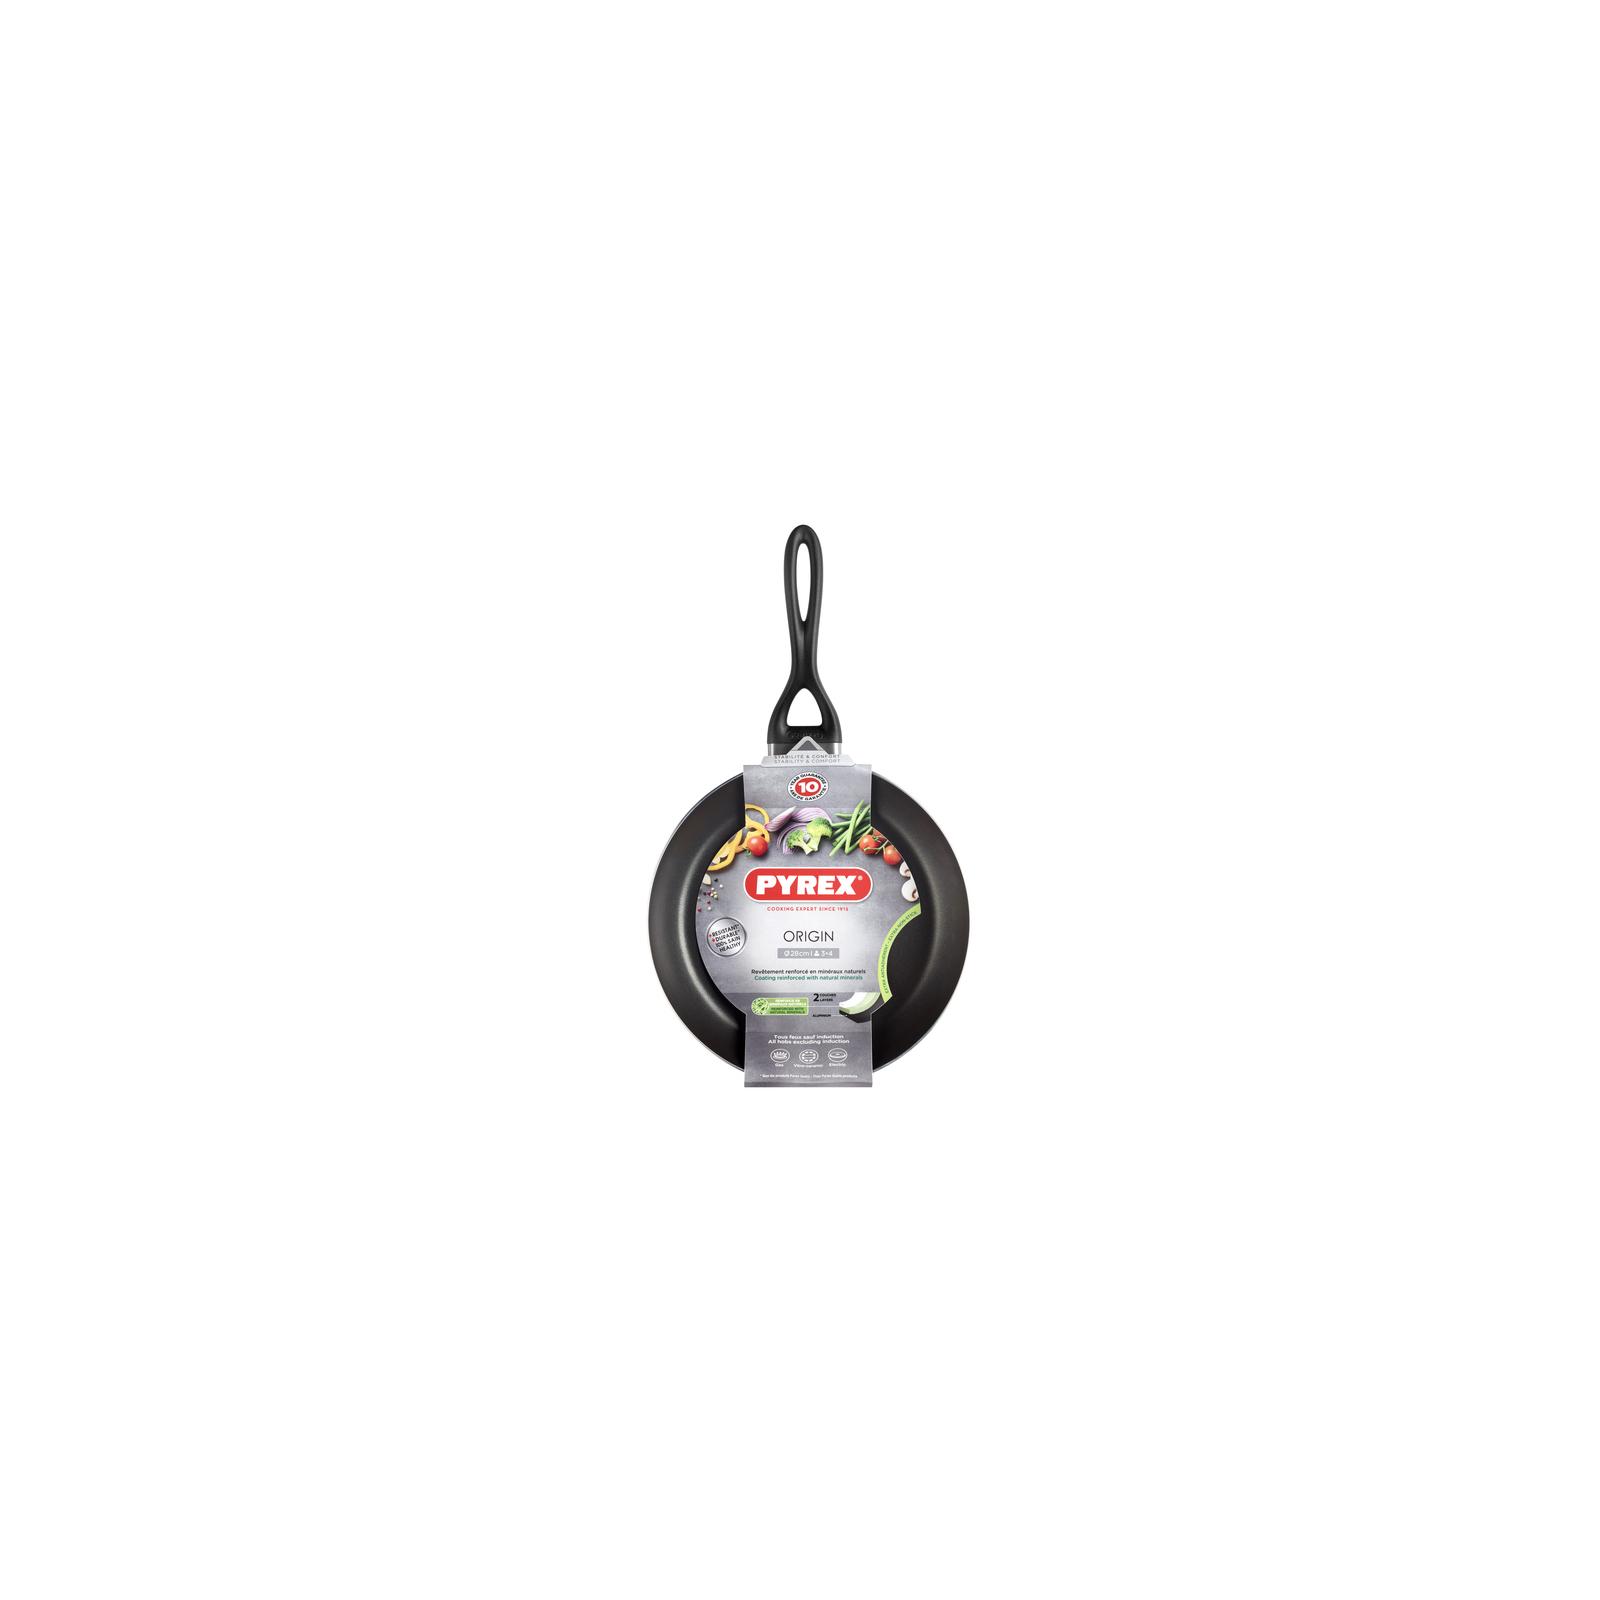 Сковорода Pyrex Origin 24 см (RG24BF3) изображение 6